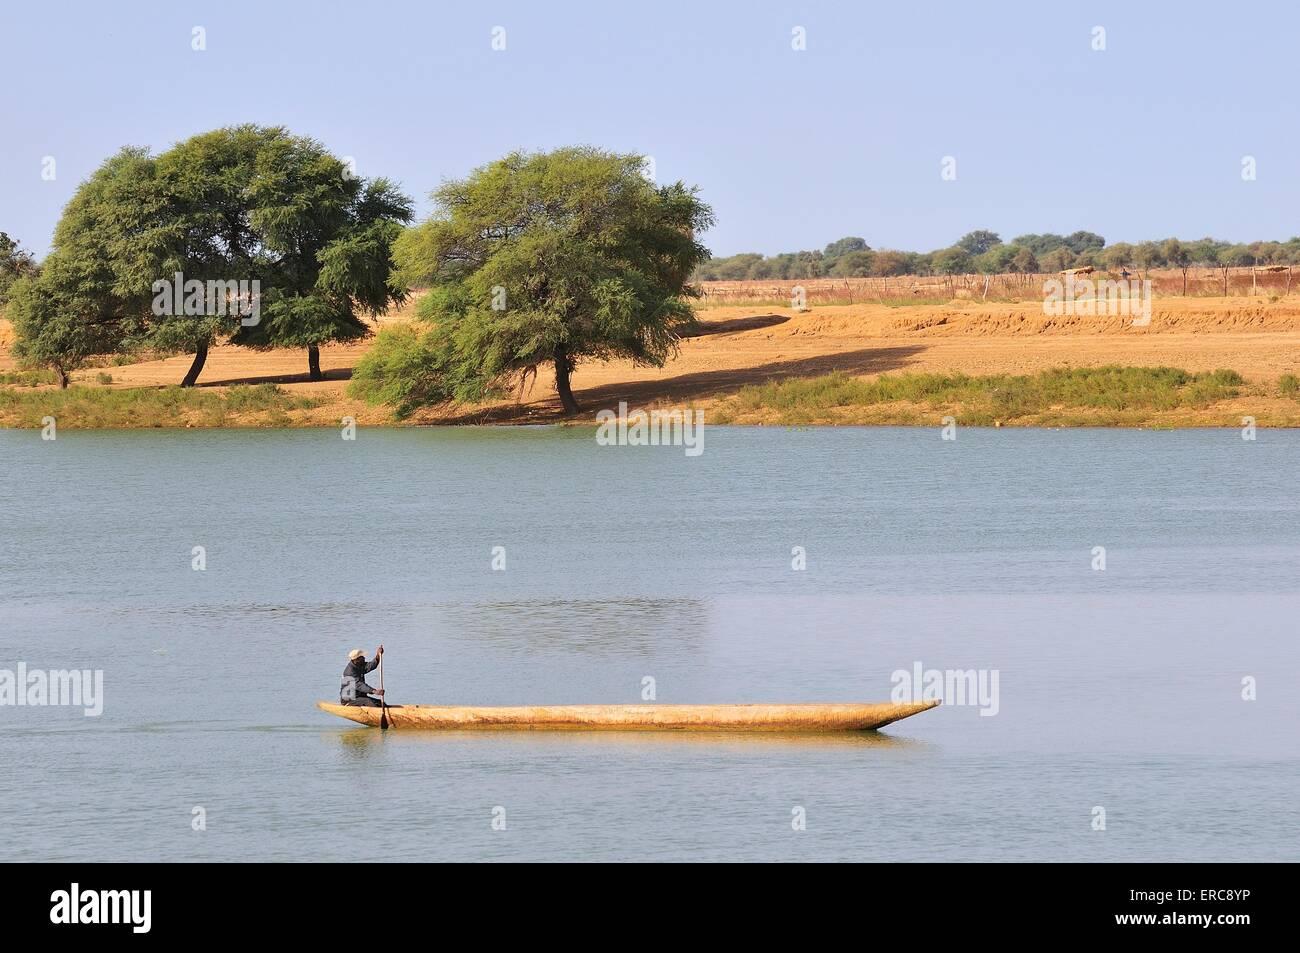 Canoa en el río Senegal en boga, Brakna región, Mauritania Imagen De Stock